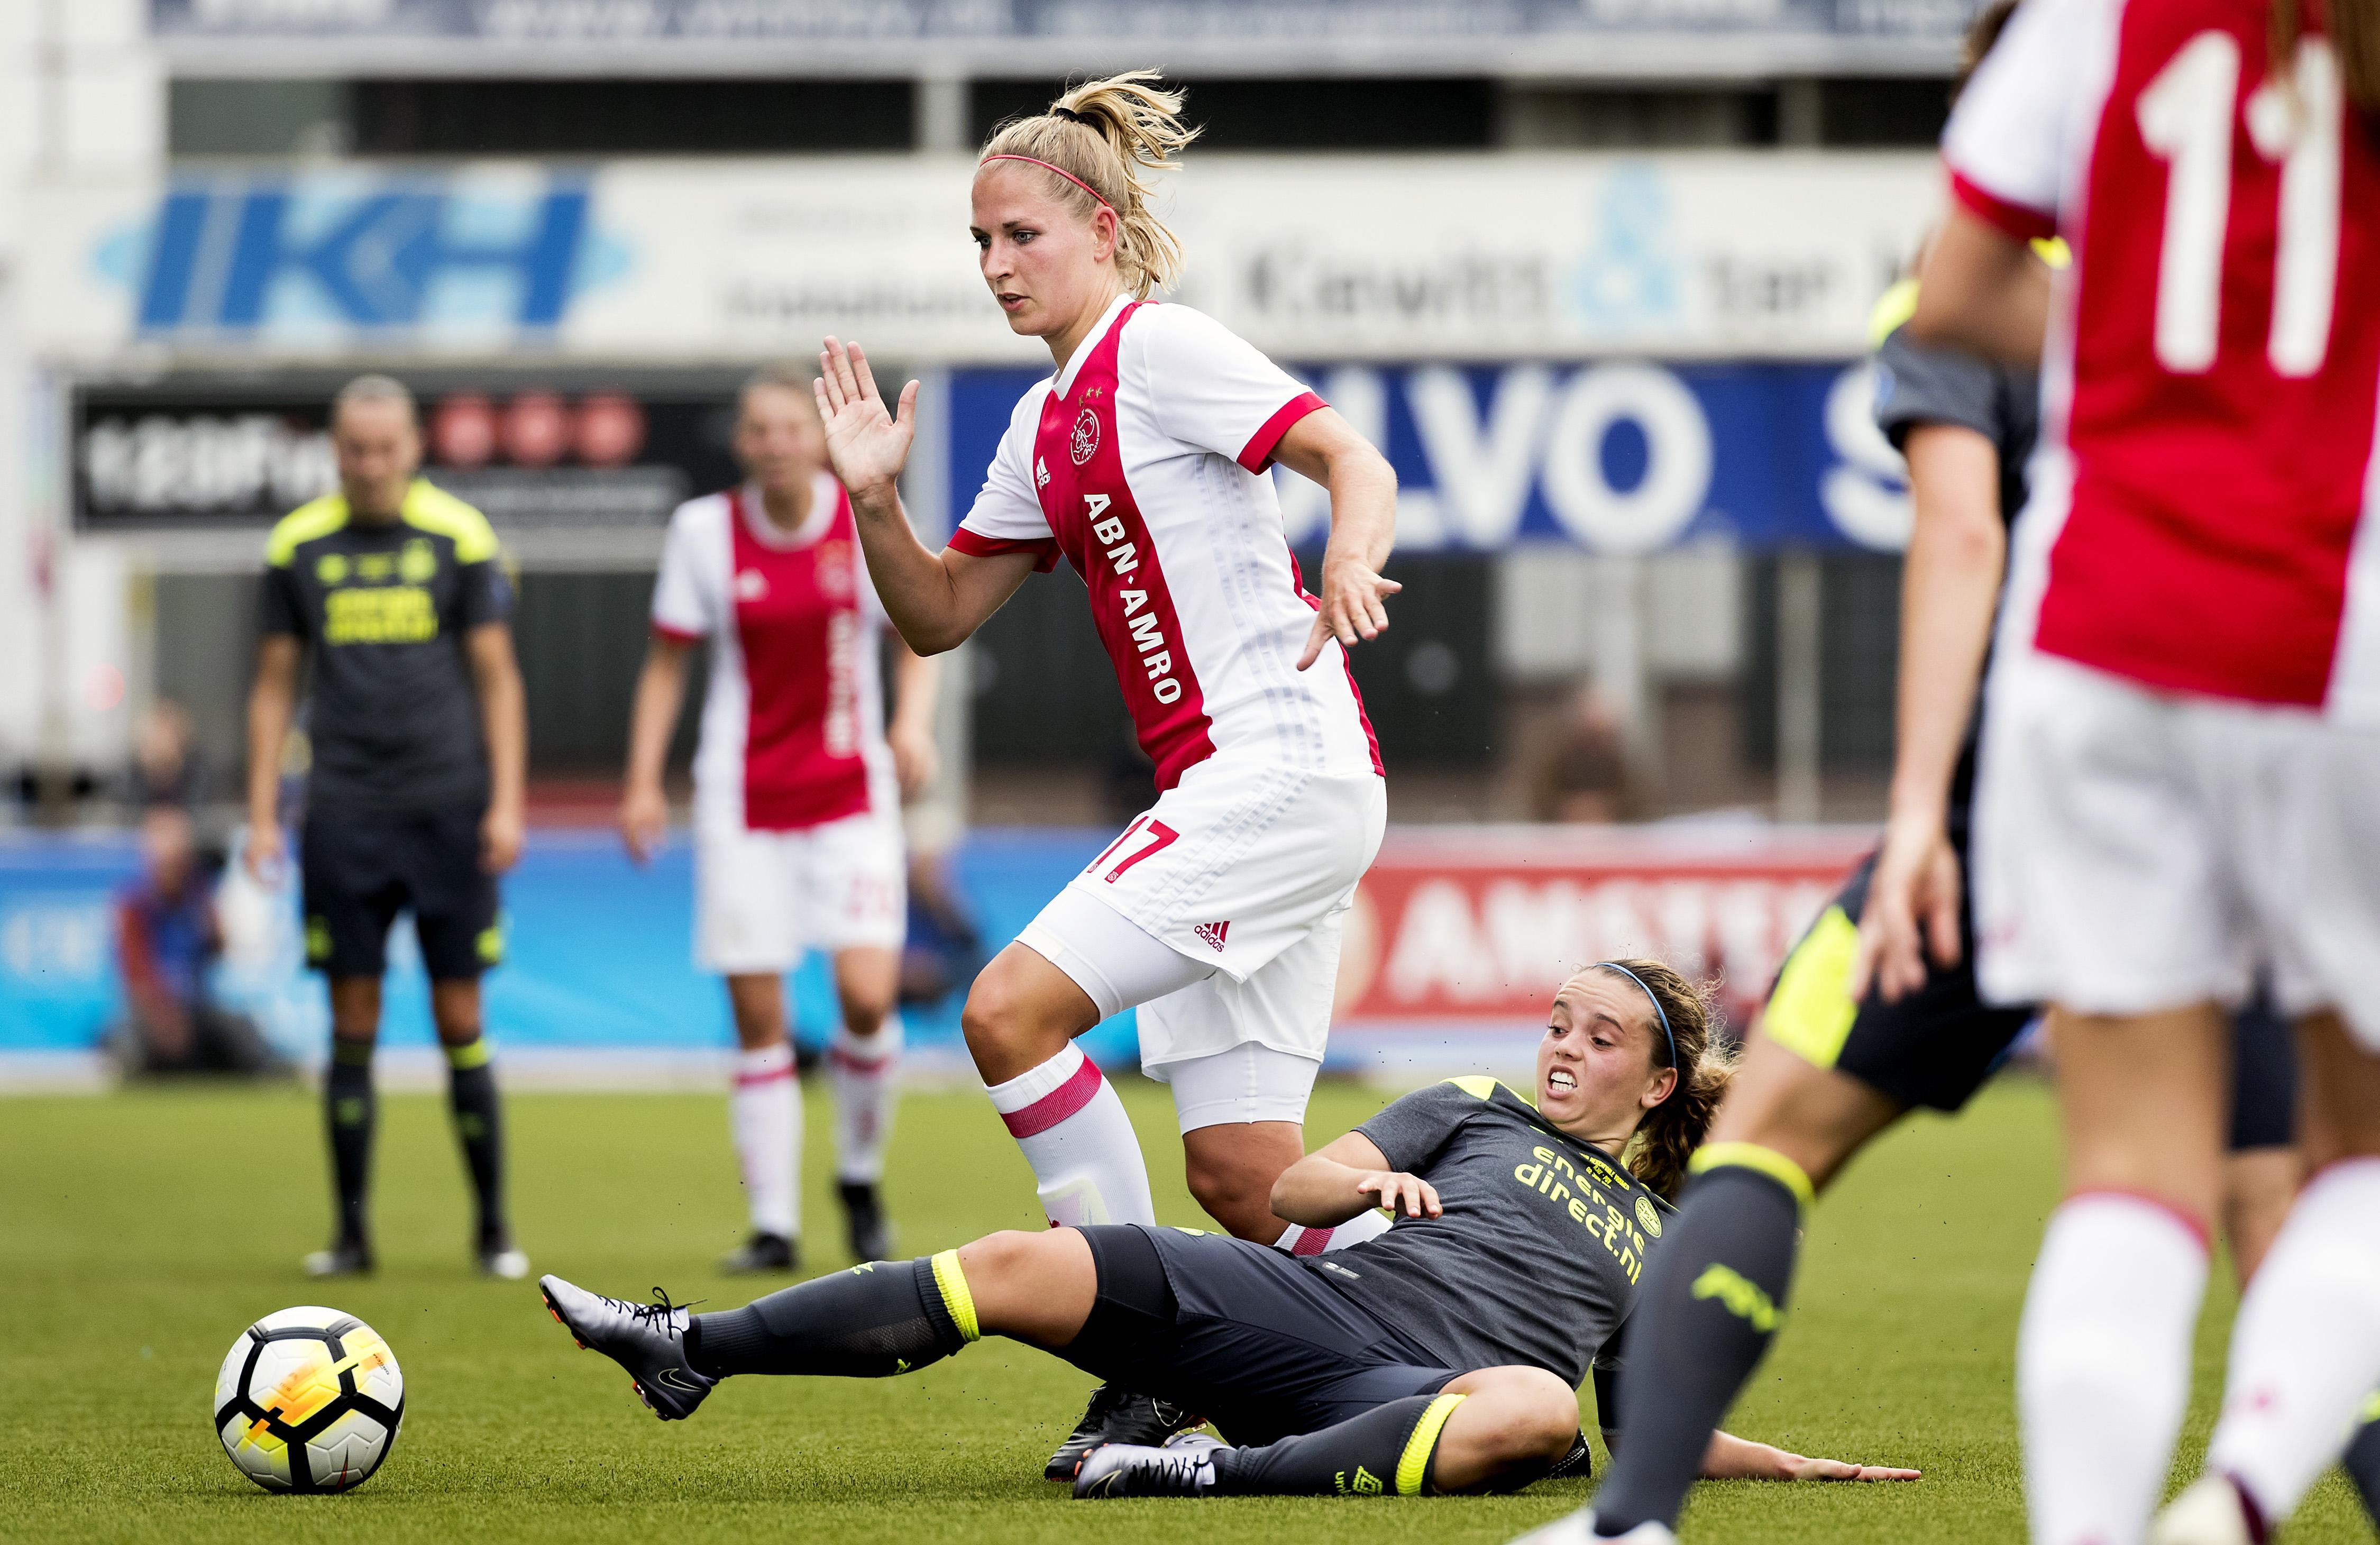 Ajax-voetbalster Kelly Zeeman (26) is 'veramsterdamd', maar staat nog wel vrijwel elk duel bij Marken langs de lijn